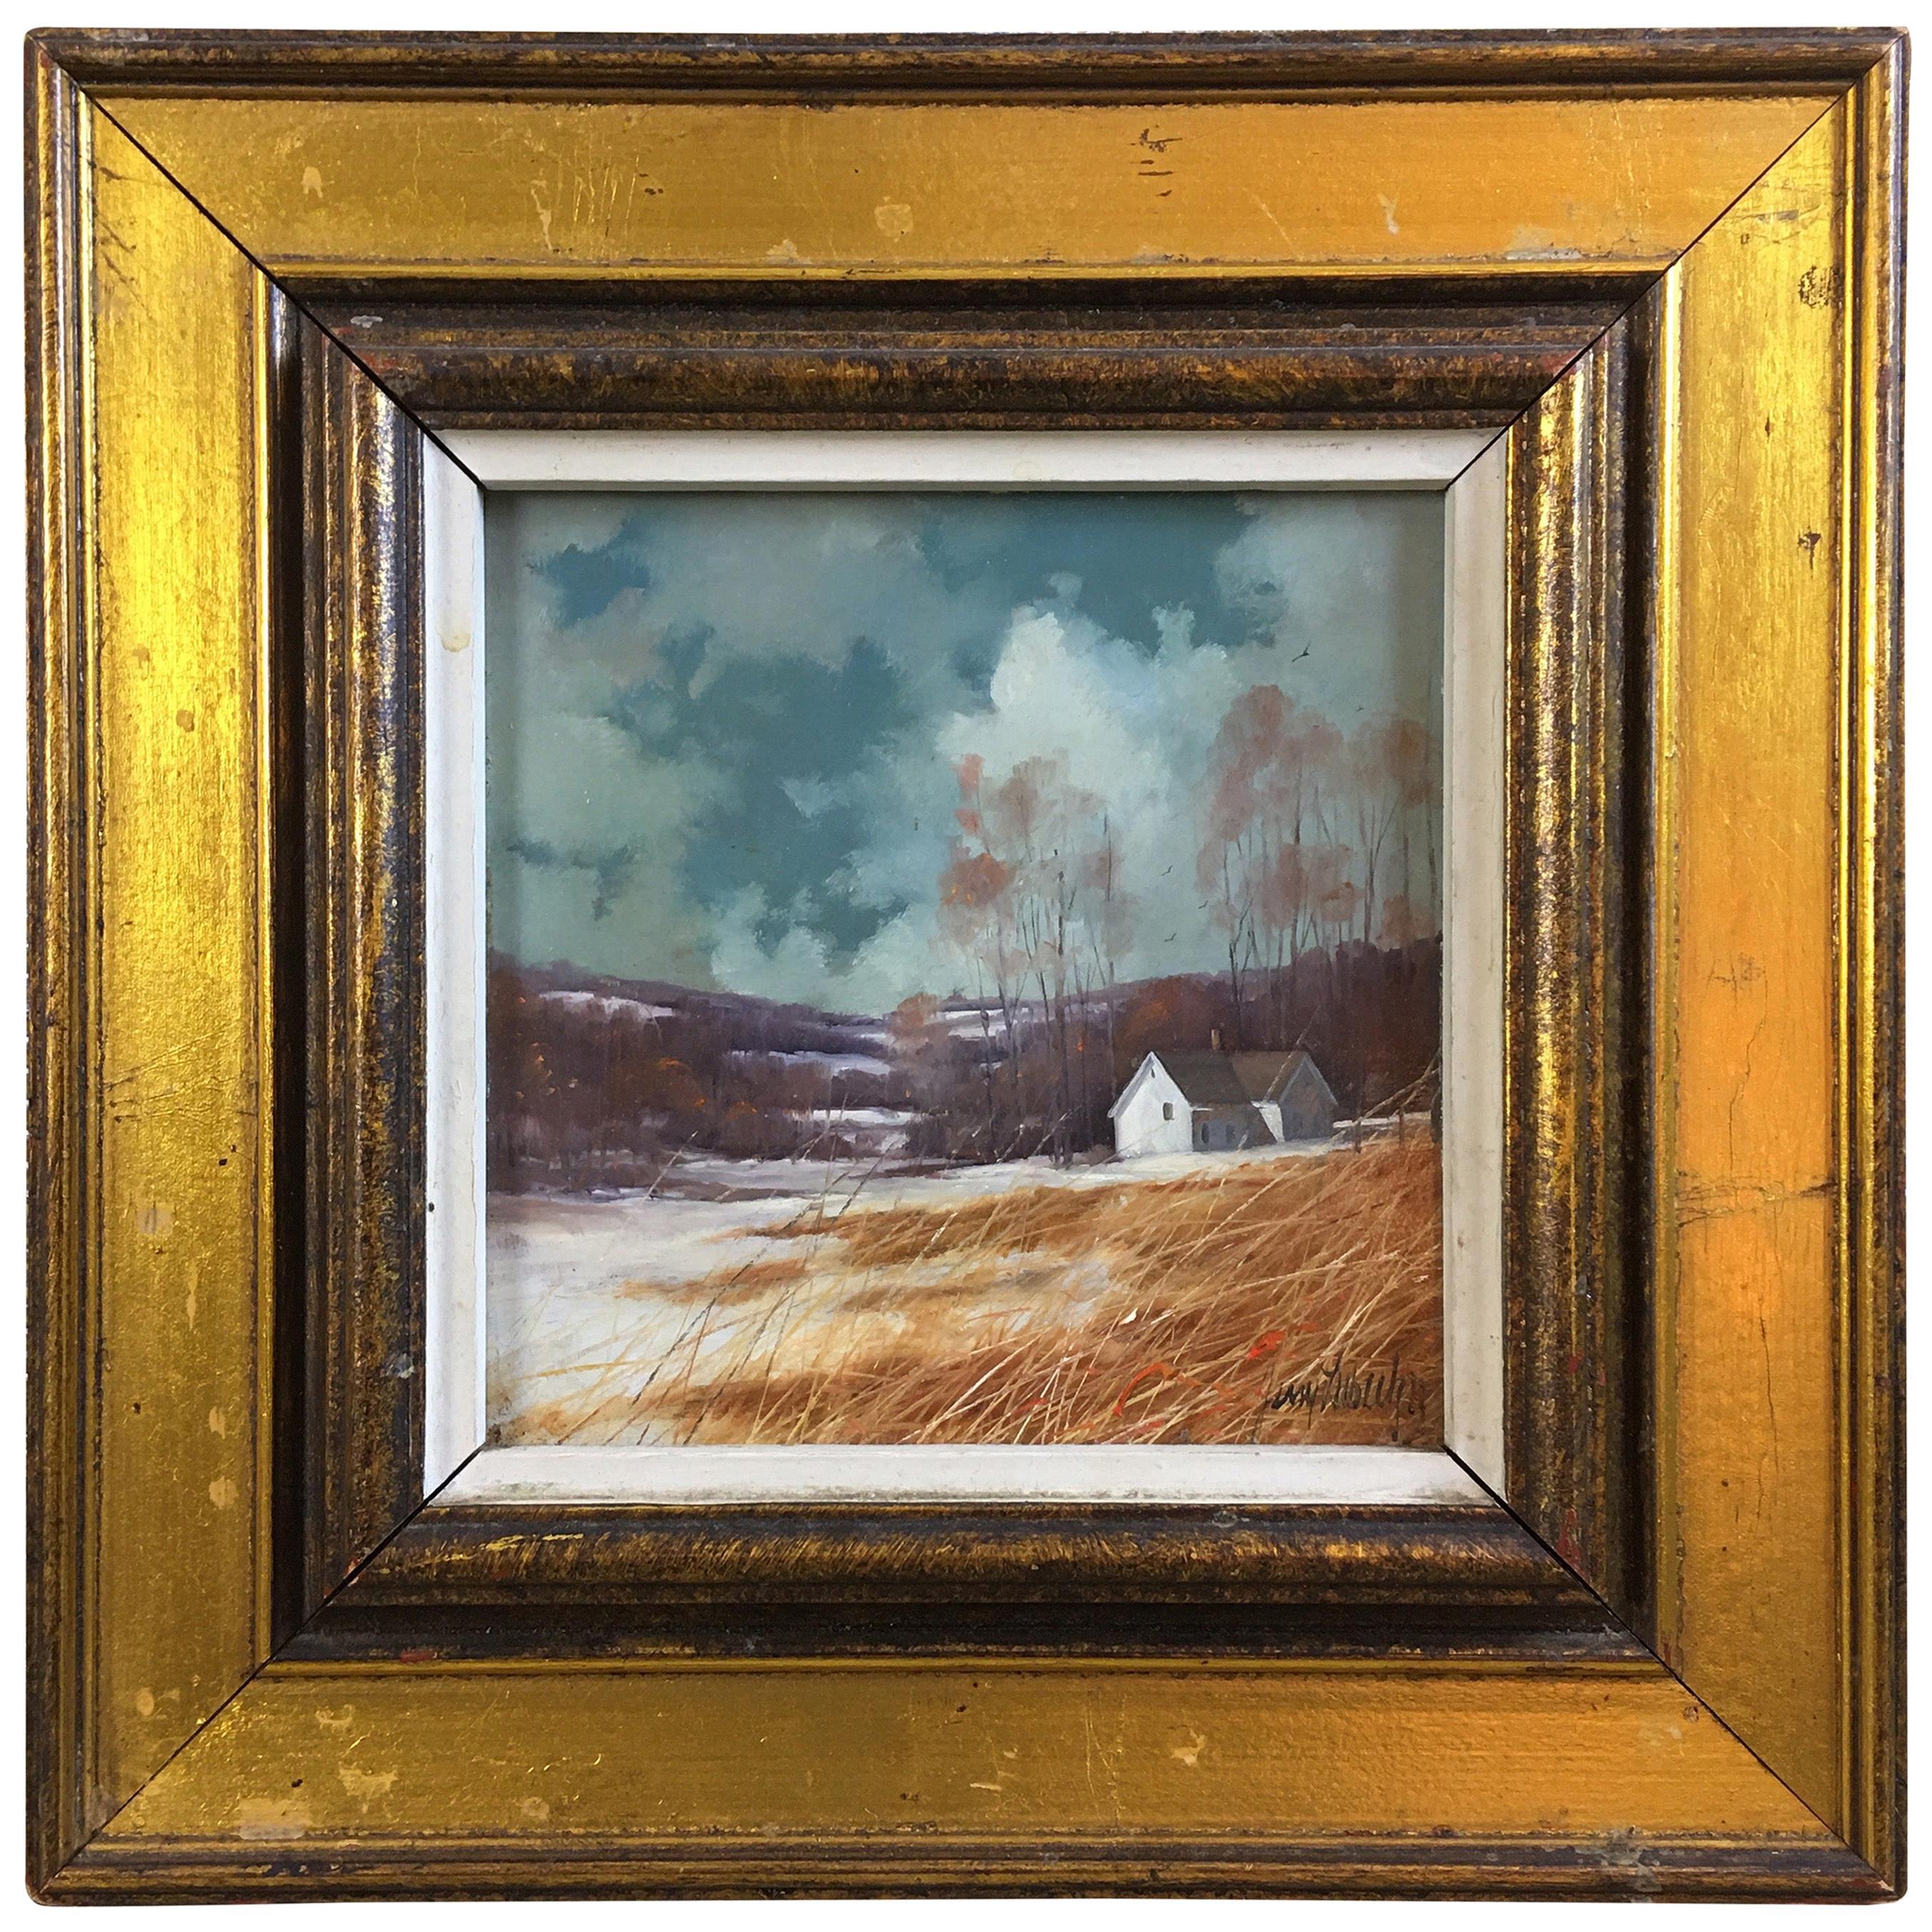 Gerald Lubeck Oil on Masonite Landscape